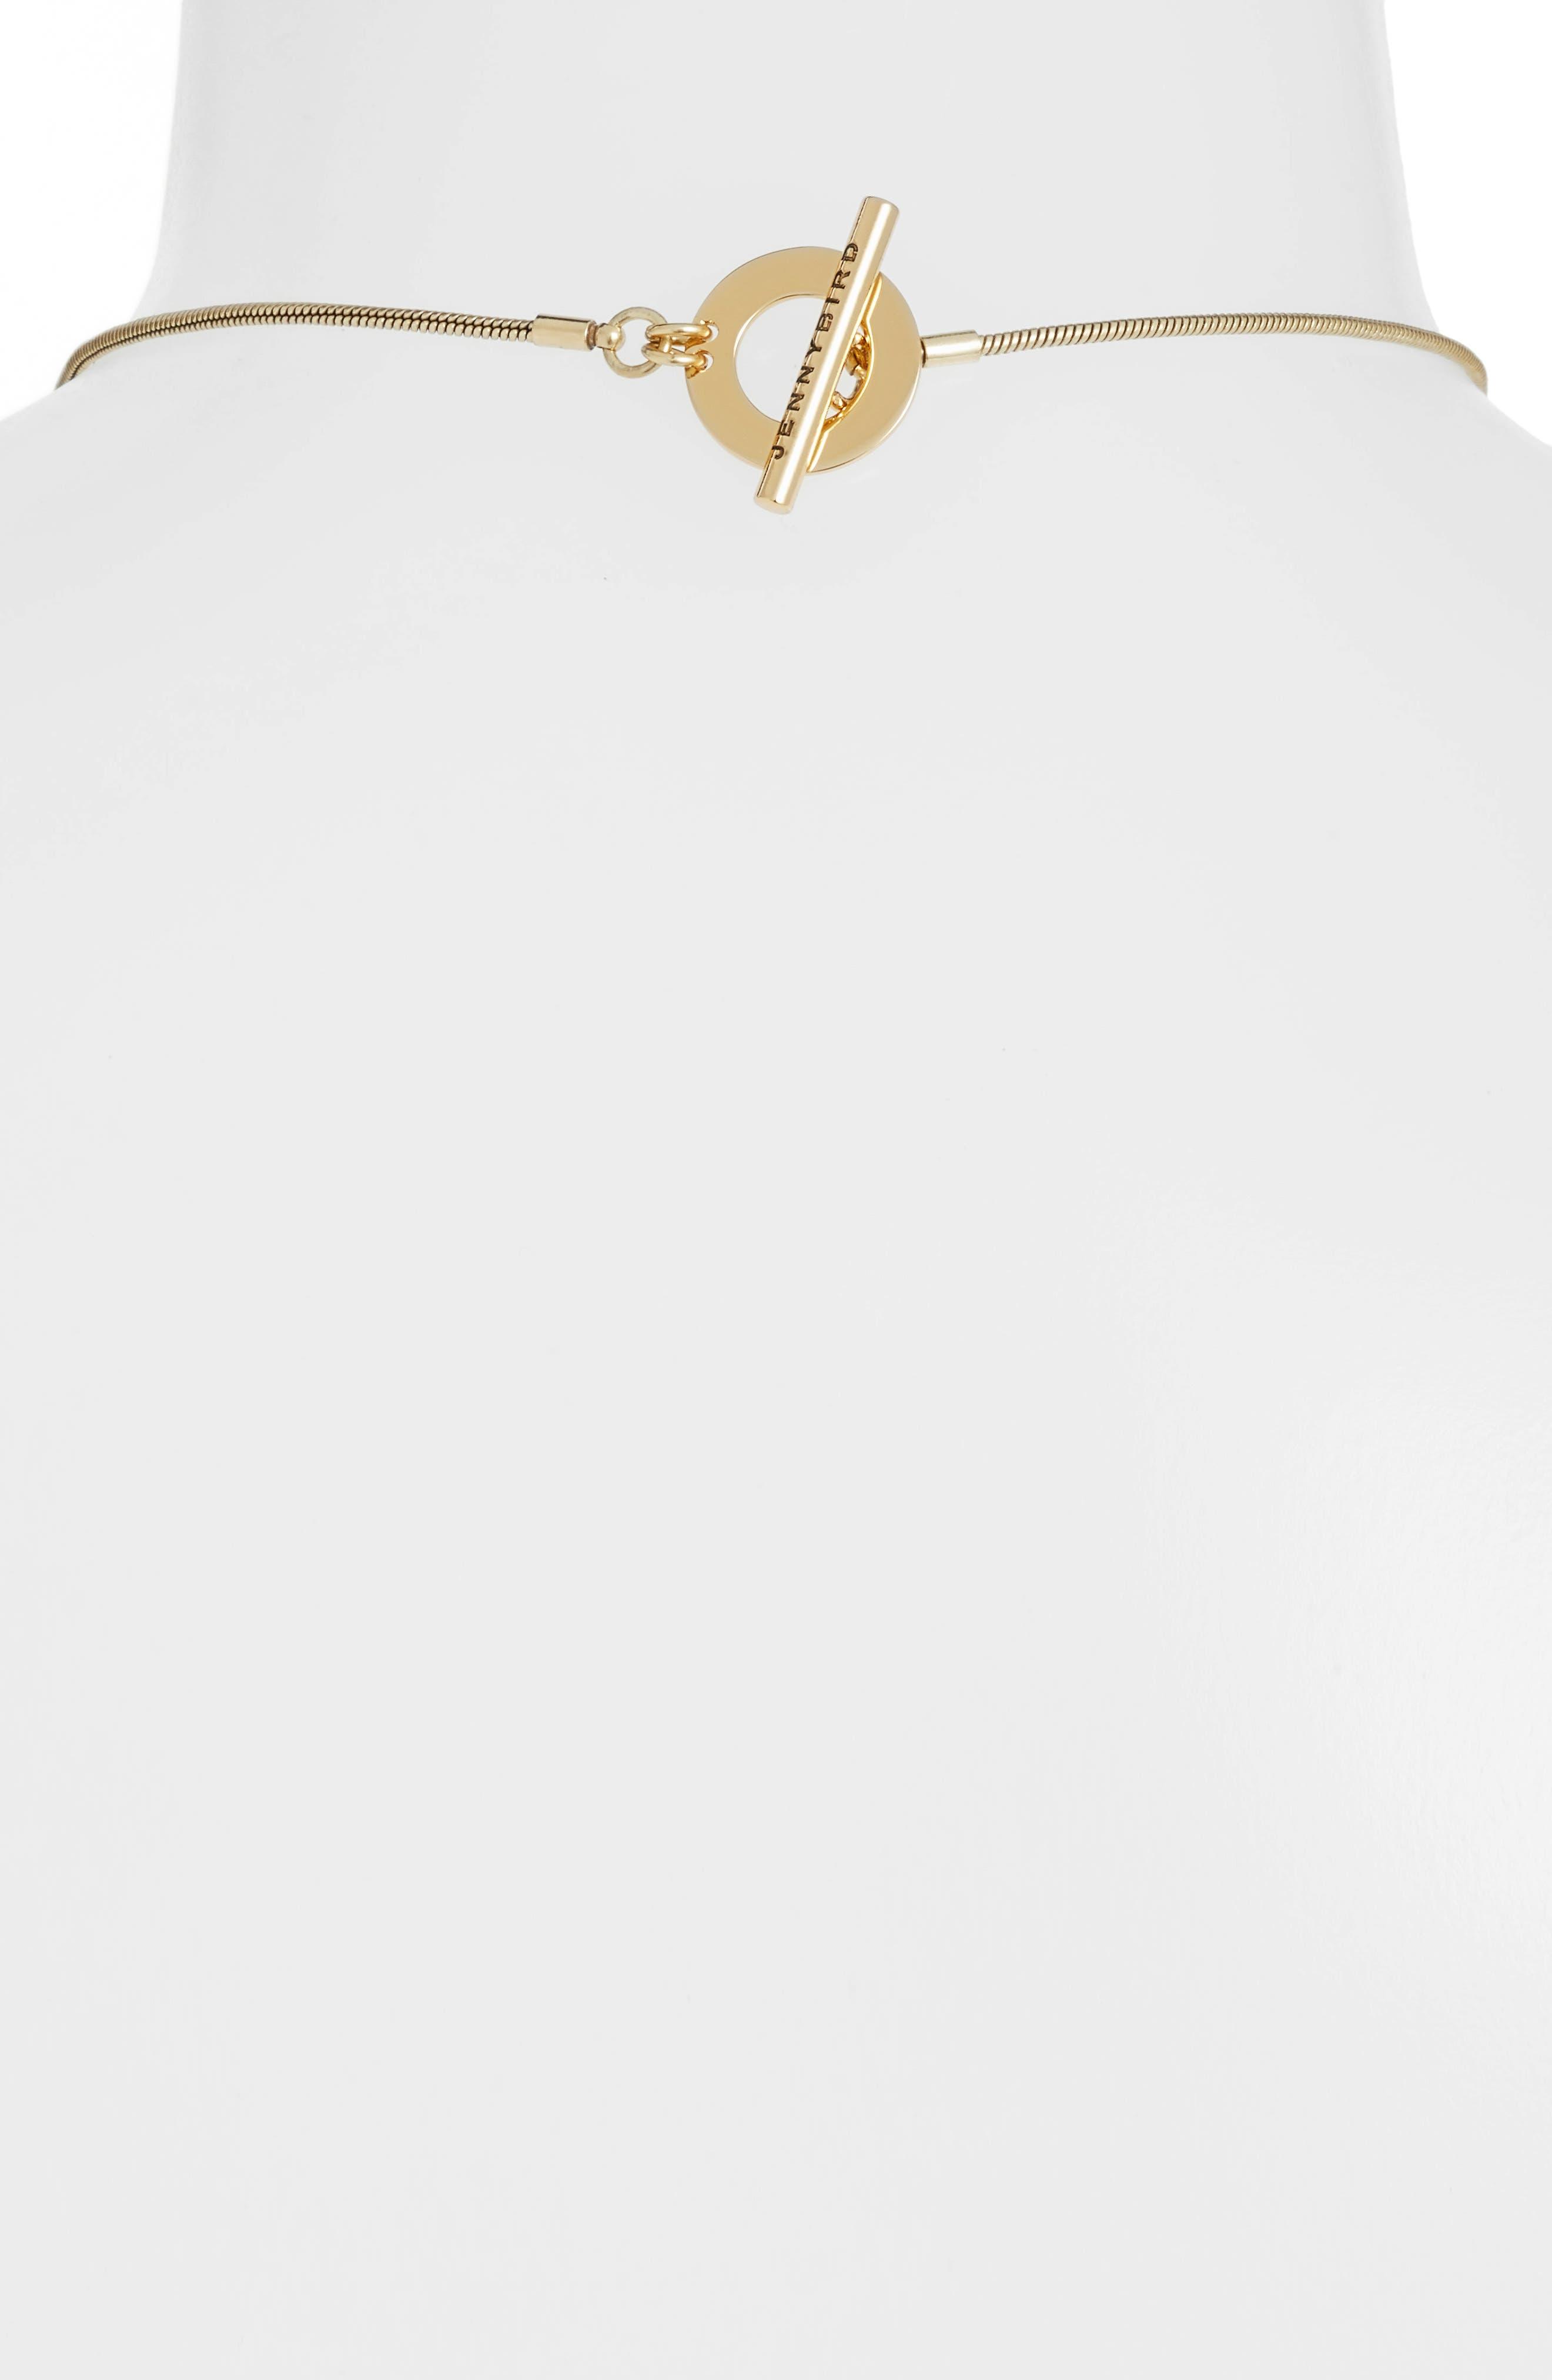 Sofia Rises Pendant Necklace,                             Alternate thumbnail 3, color,                             GOLD